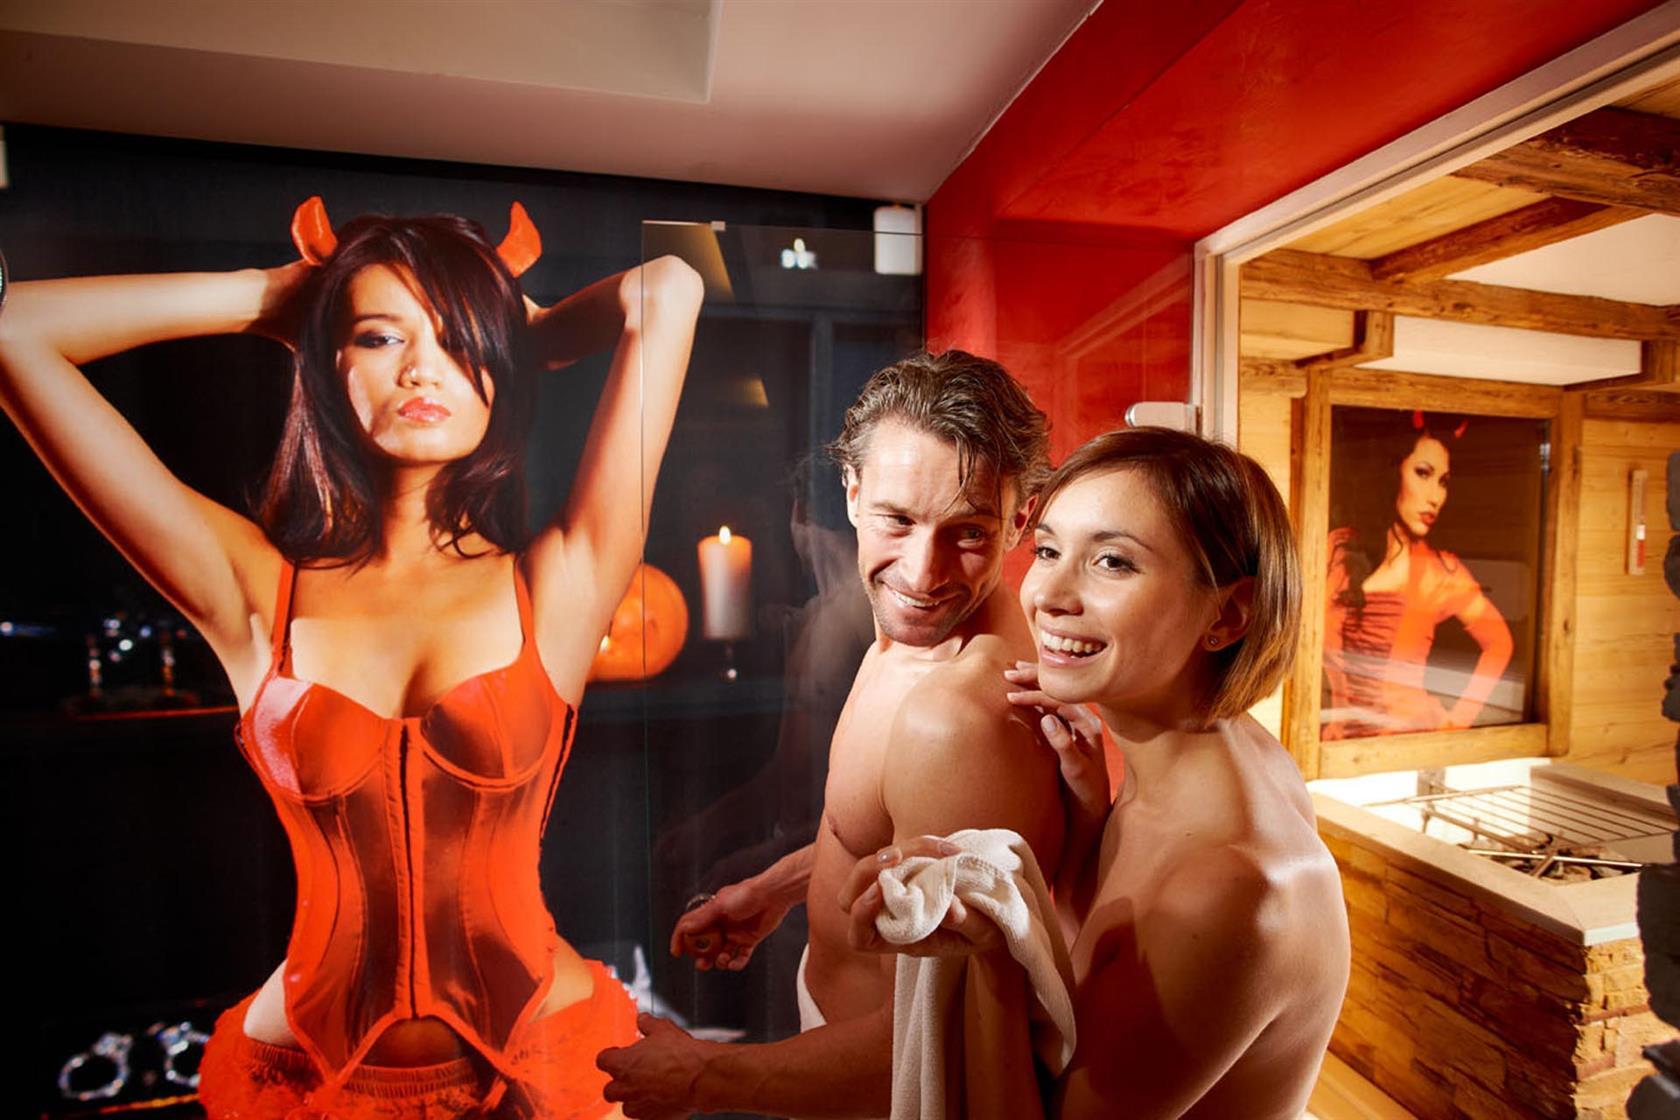 gay sexnoveller nøgen massage københavn